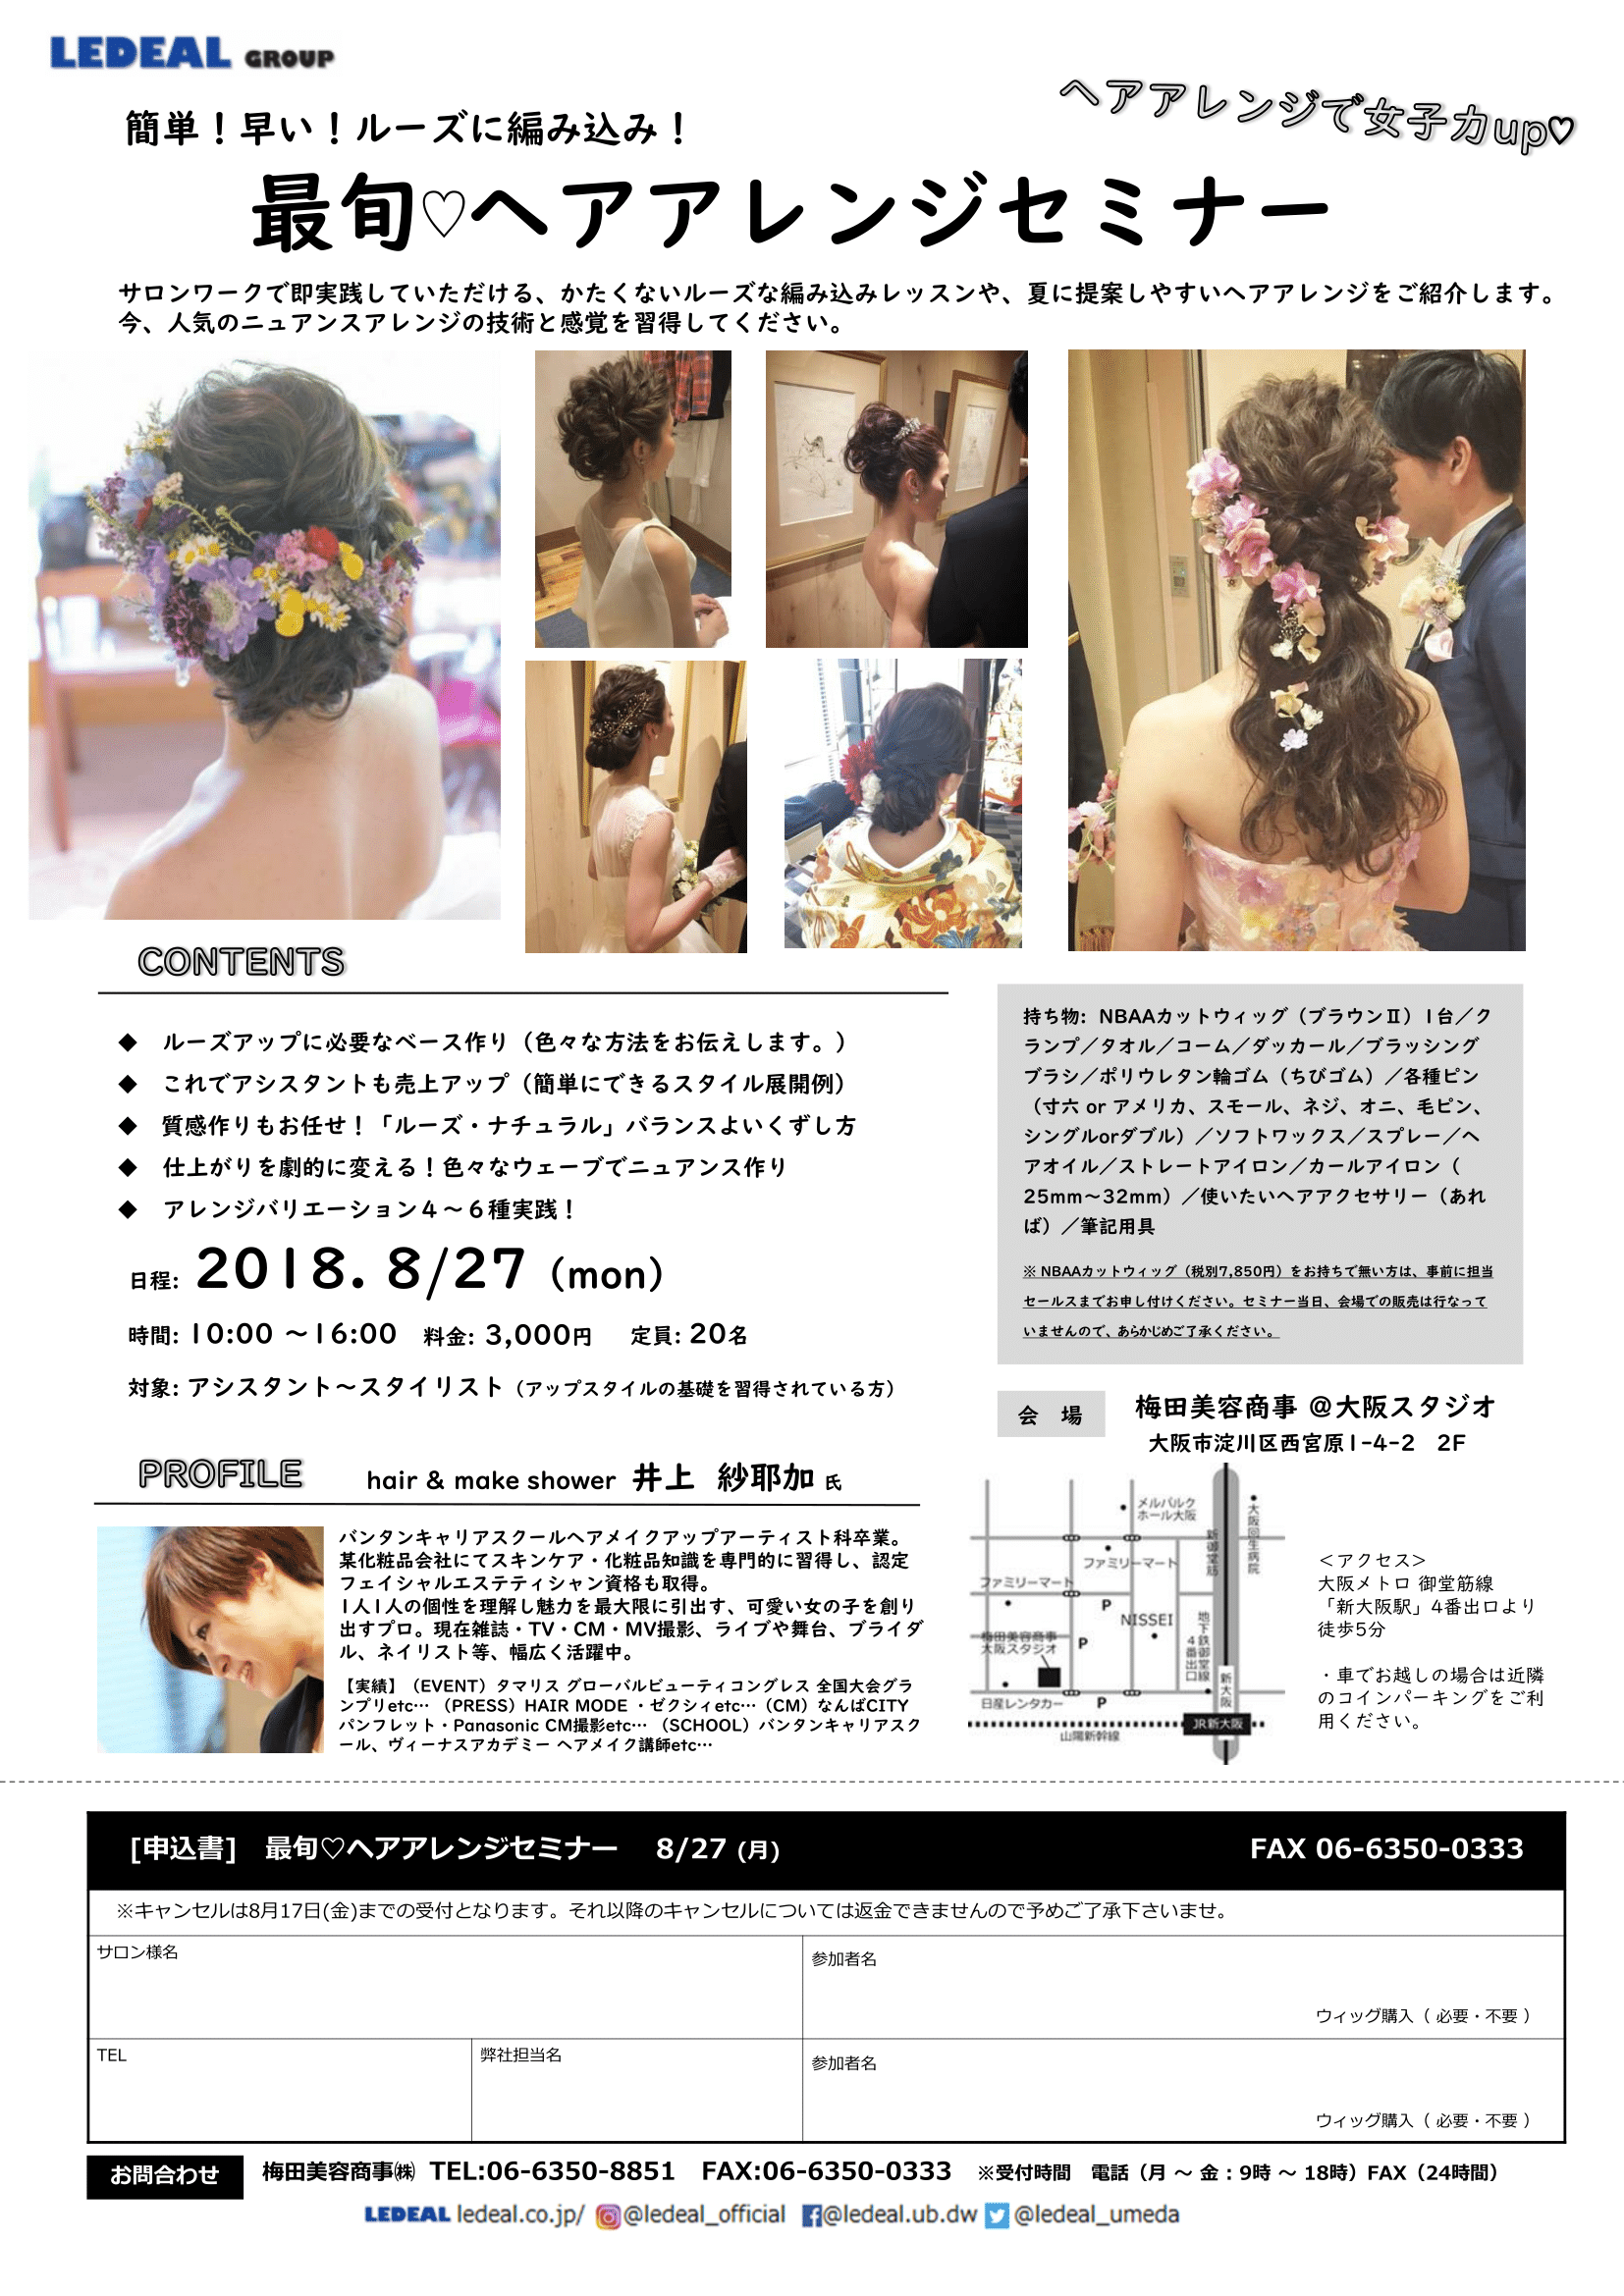 【大阪】最旬ヘアアレンジセミナー